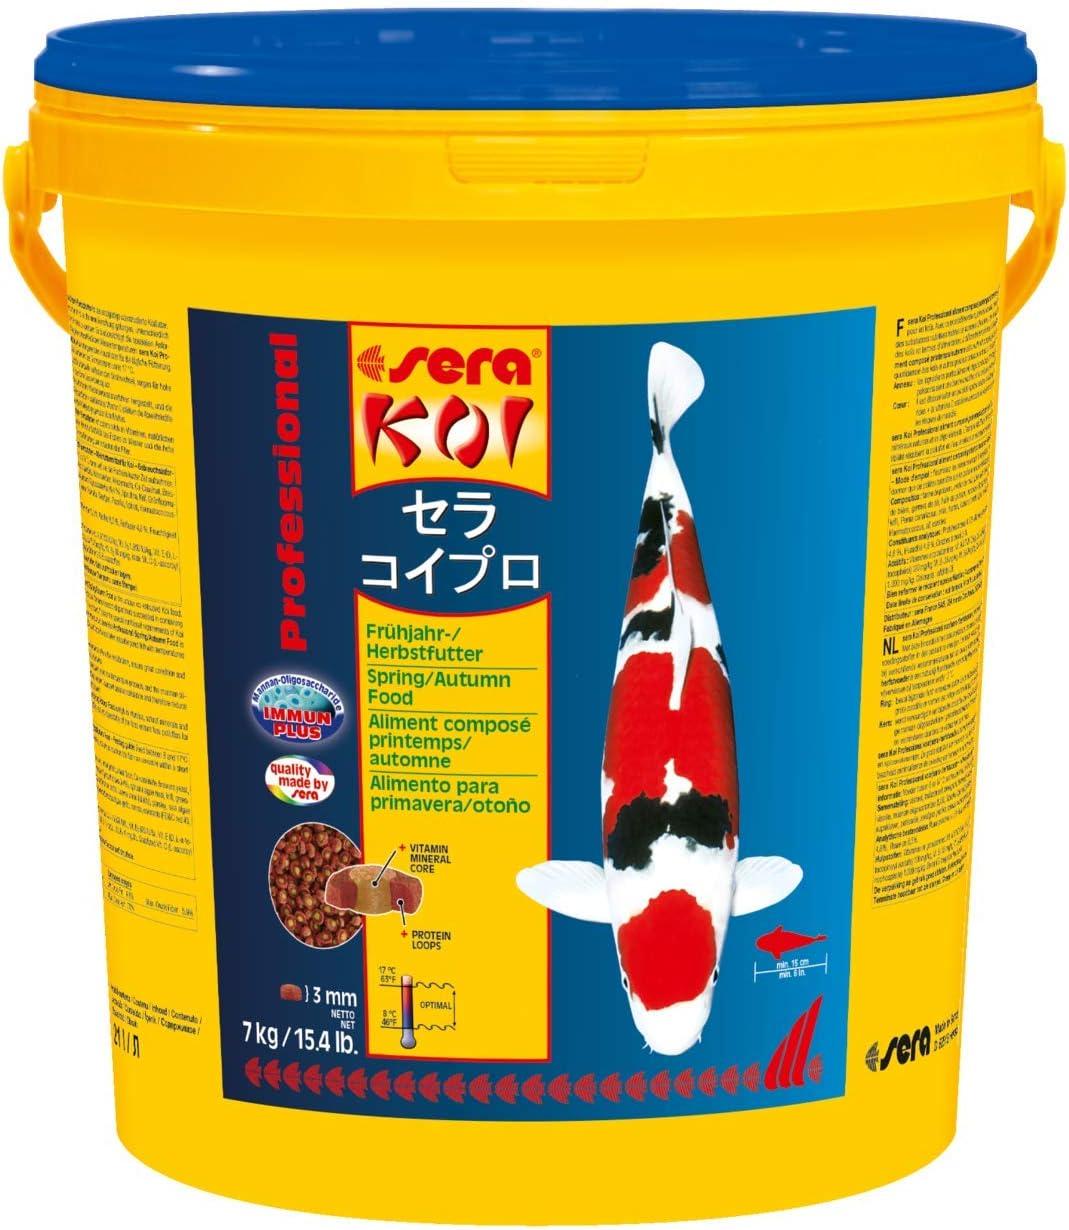 Sera 7009 KOI Professional Spring/Autumn 15.4 lb 7 kg Pet Food, One Size